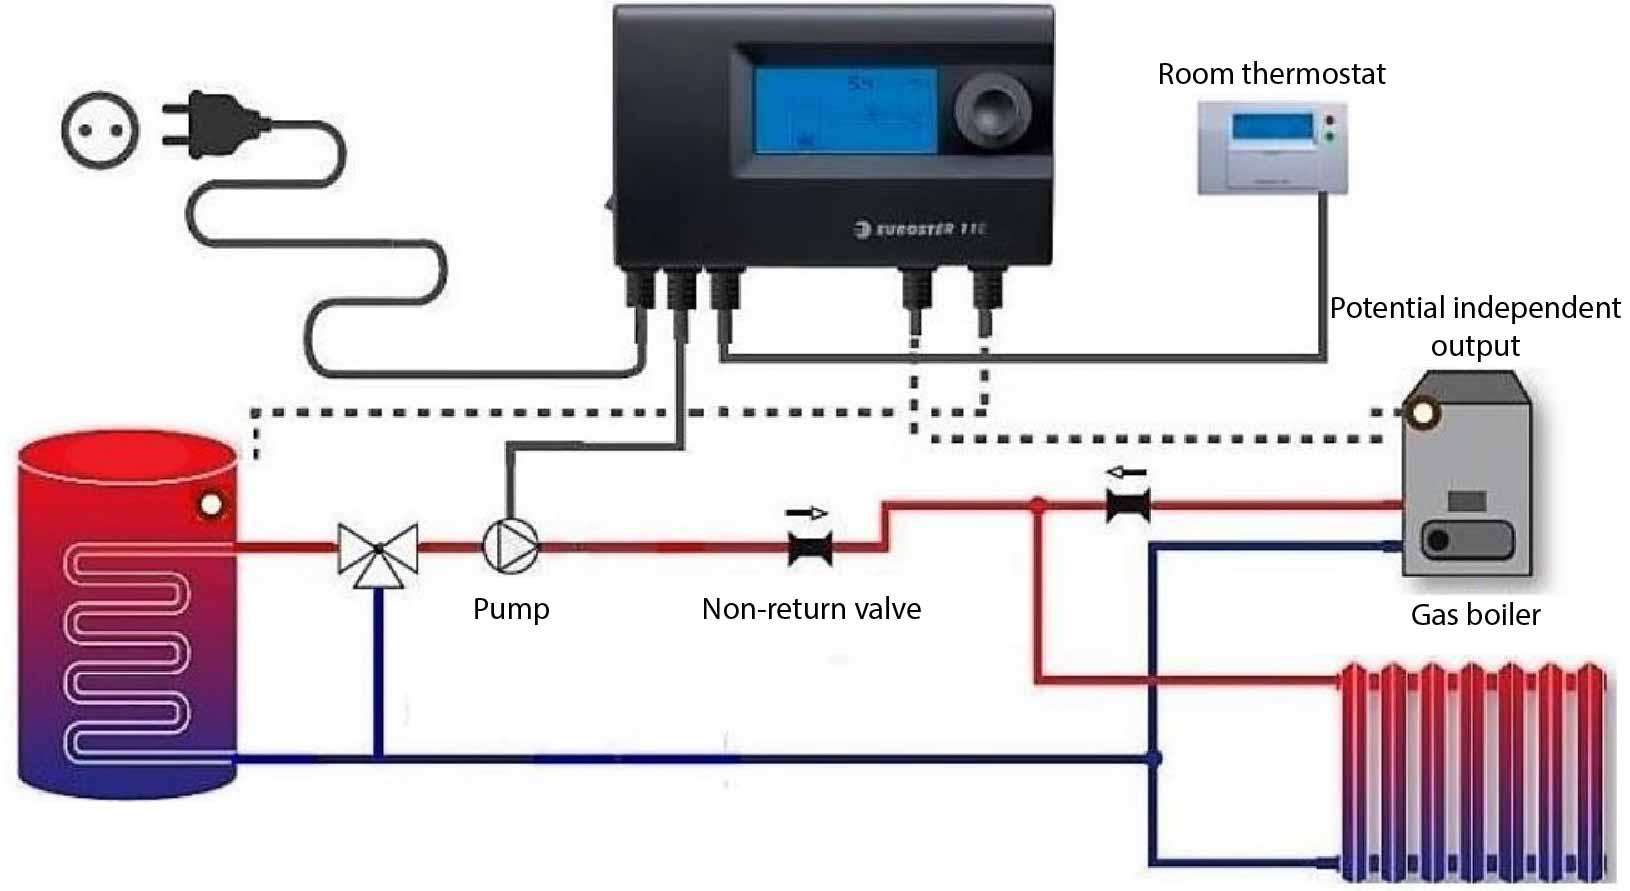 Euroster 11ET Control unit